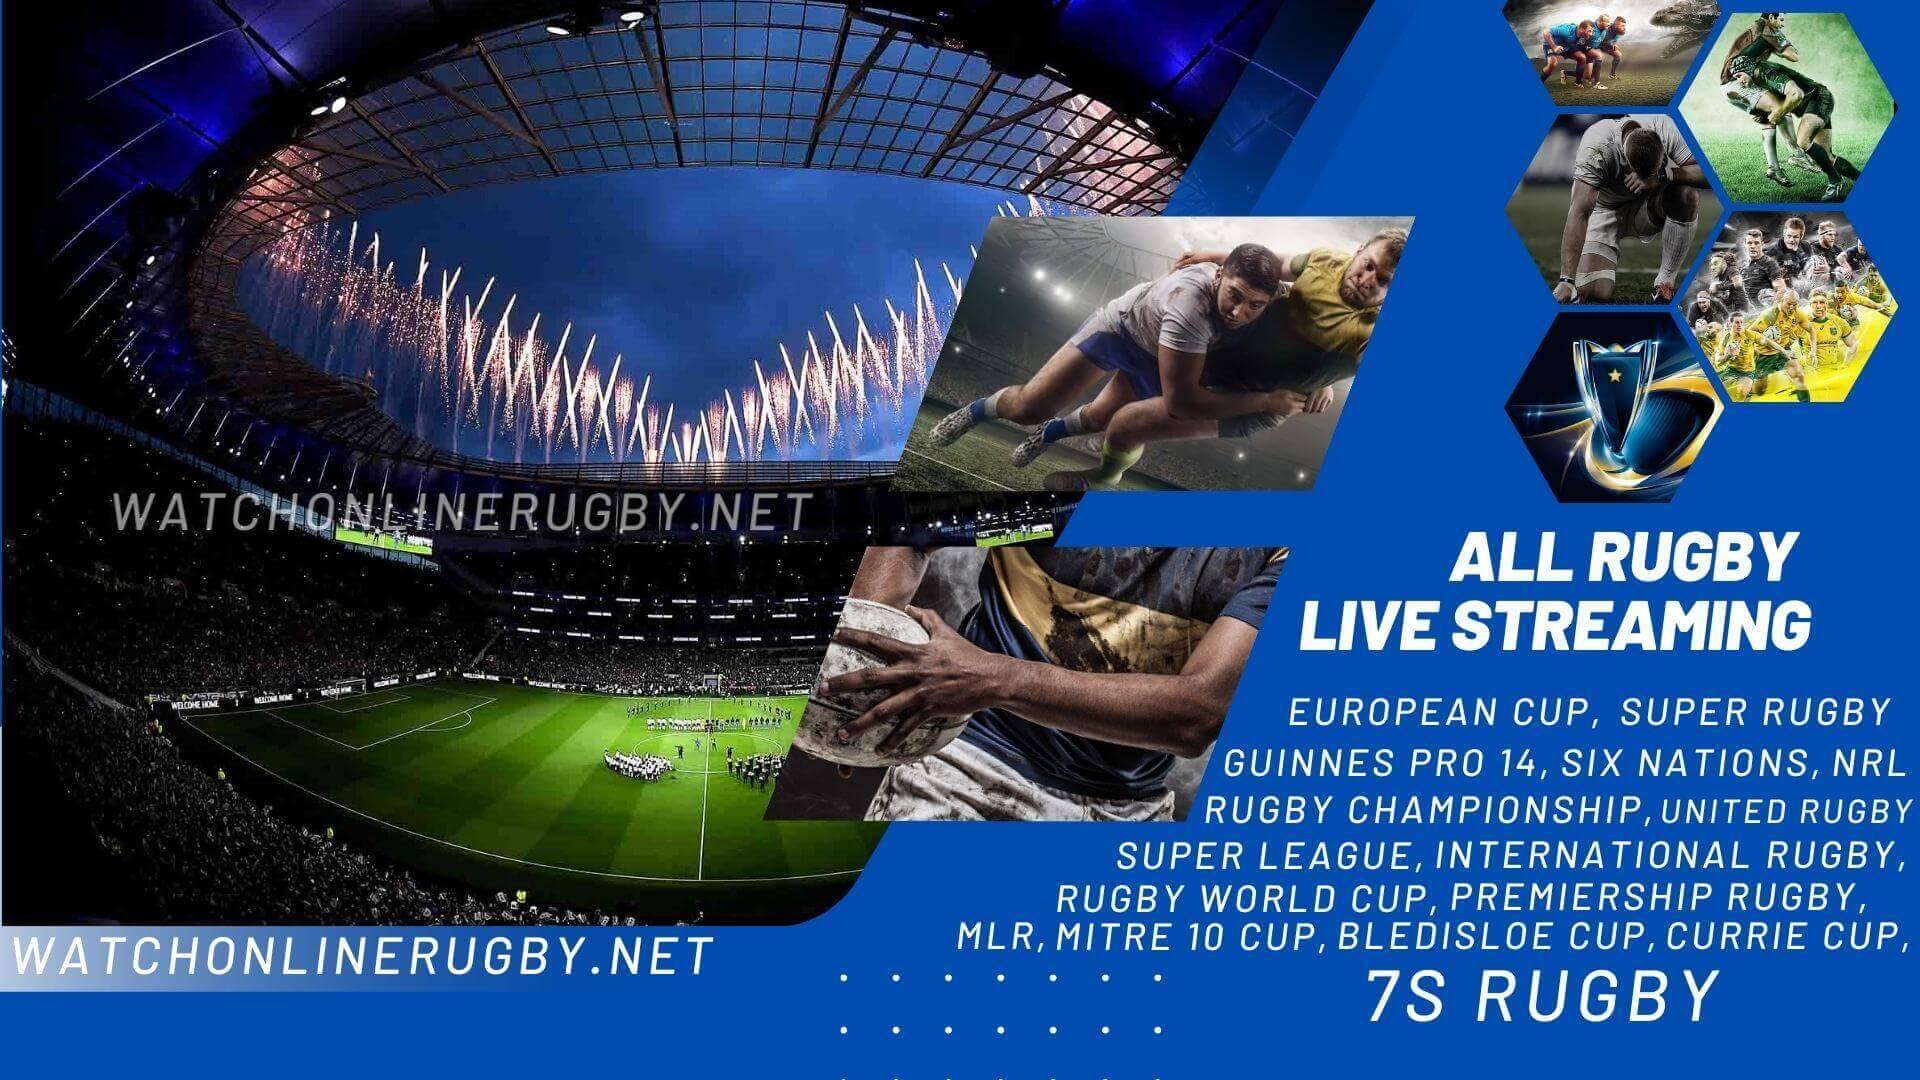 ospreys-vs-connacht-rugby-live